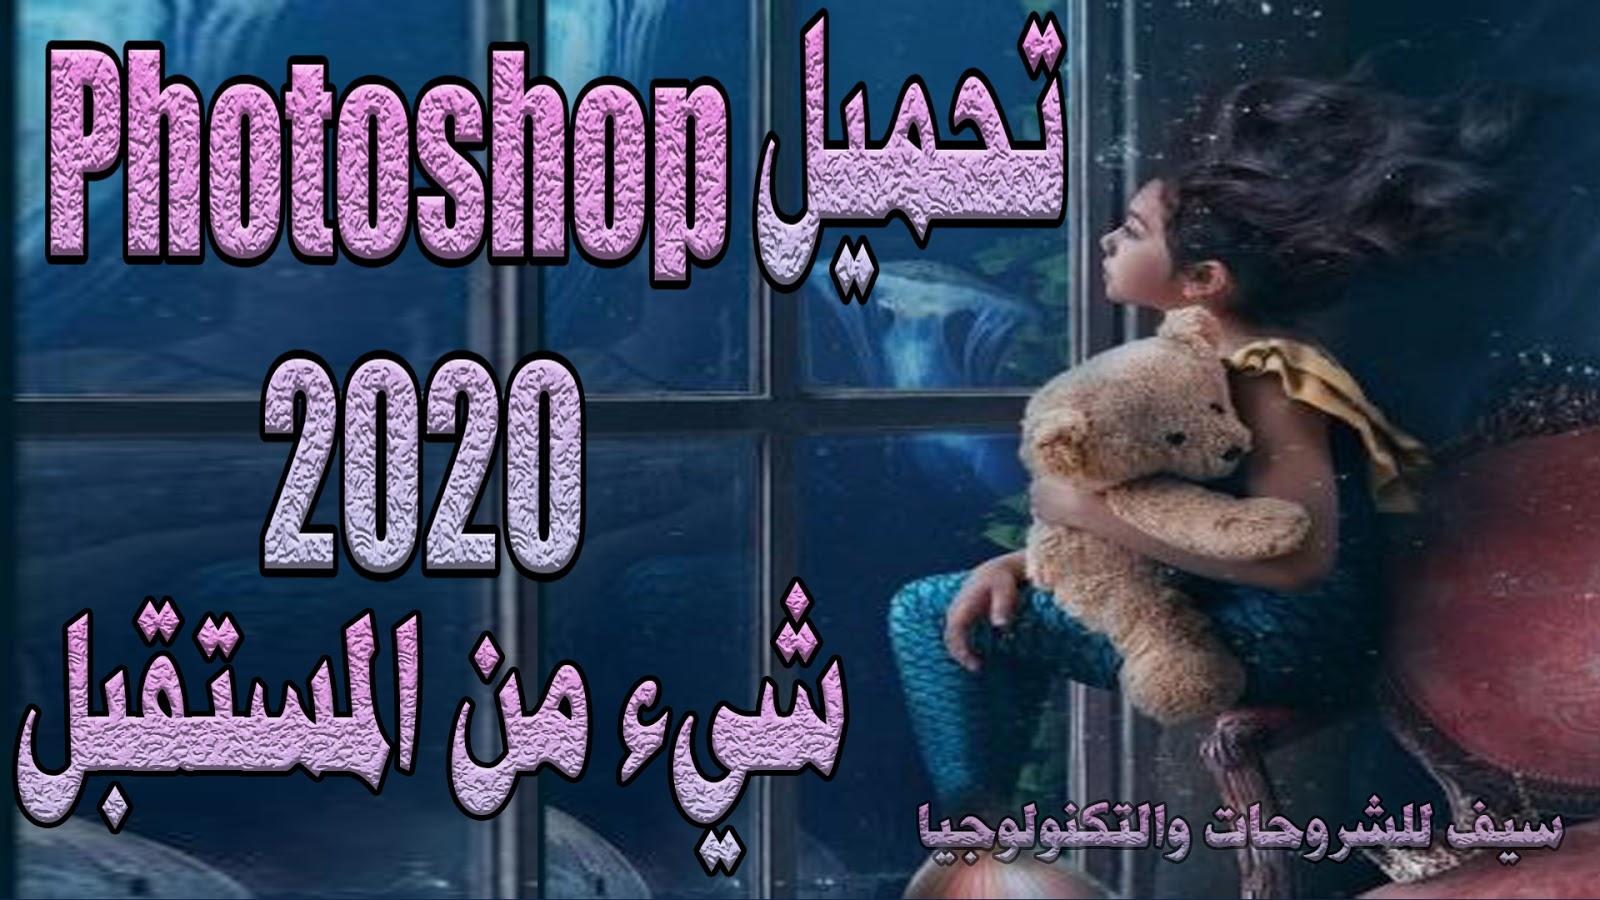 تحميل برنامج Adobe Photoshop CC 2020 مع استعراض لجميع المميزات الجديدة ( شيء من المستقبل )